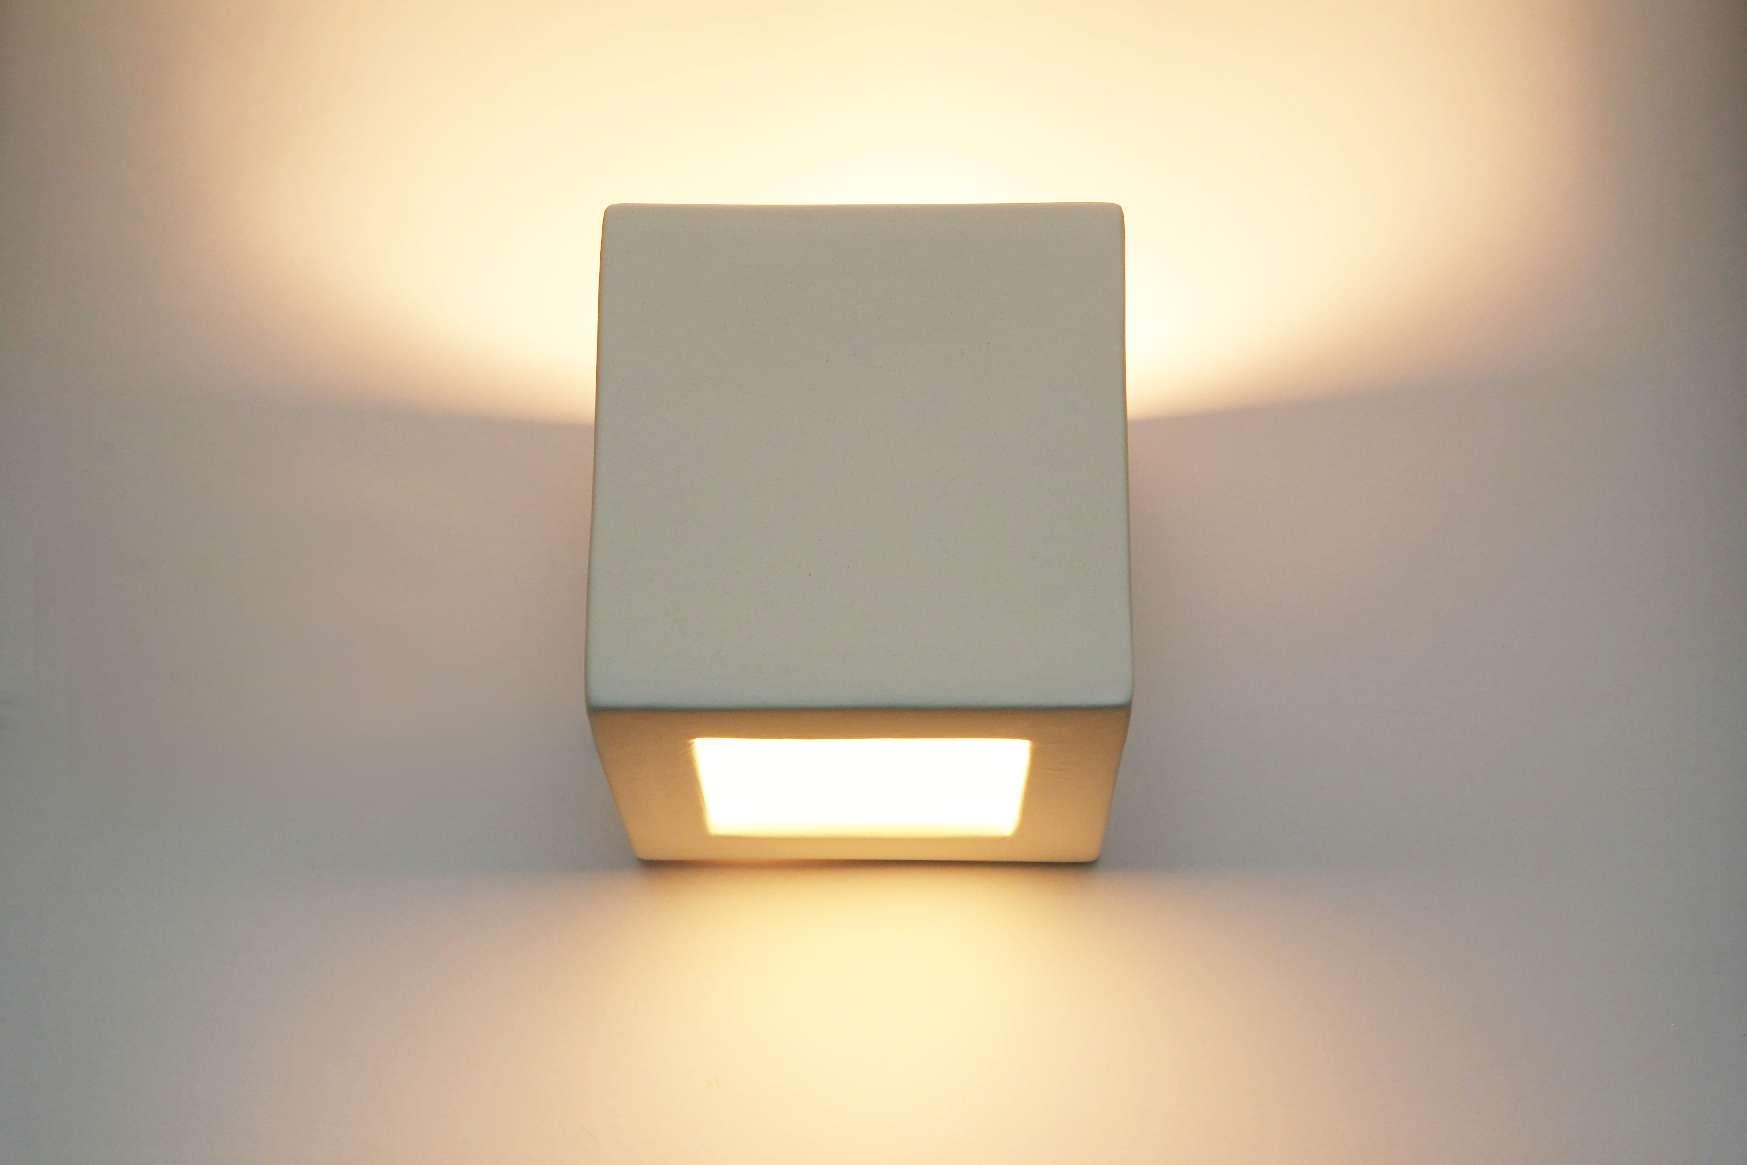 Plafoniere Da Muro Ikea : Ceramica applique da parete lampada colorabile luce pavimento